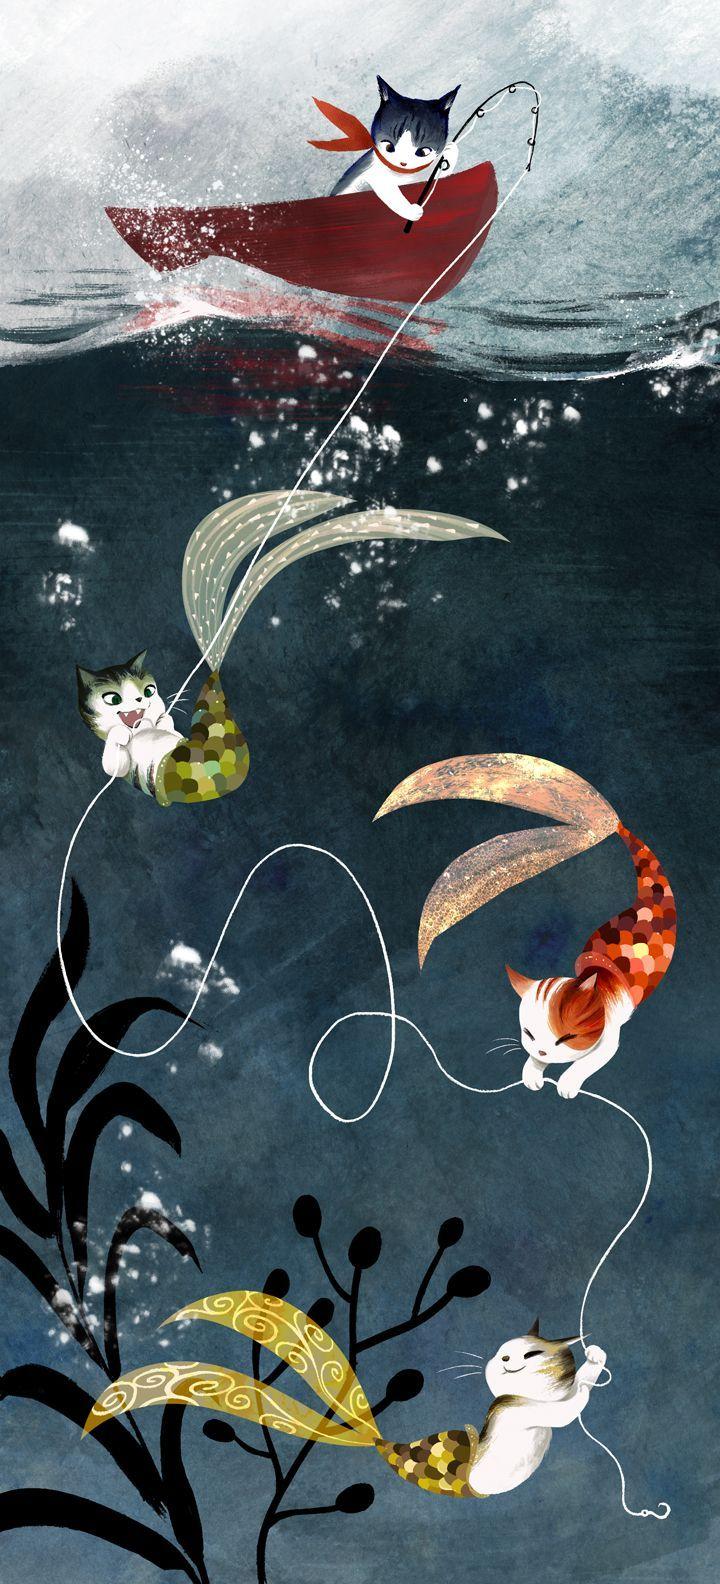 A todos los gatos les gusta un buen hilo danzarín. Incluso a los que viven en el mar.